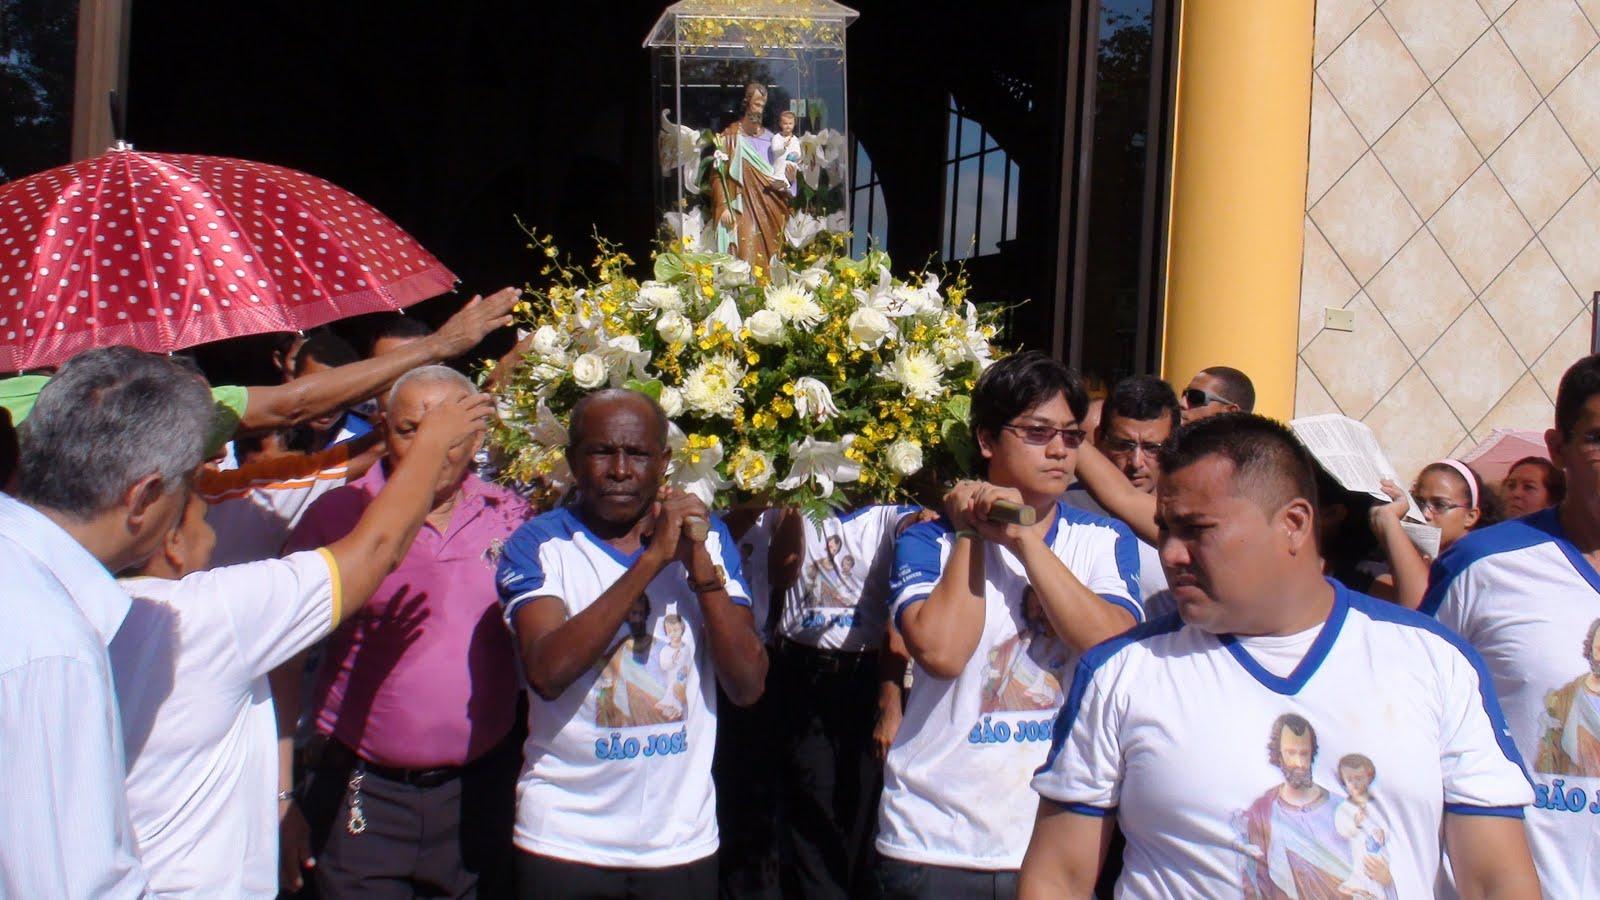 missa e carreata: Homenagens ao padroeiro São José começam neste domingo